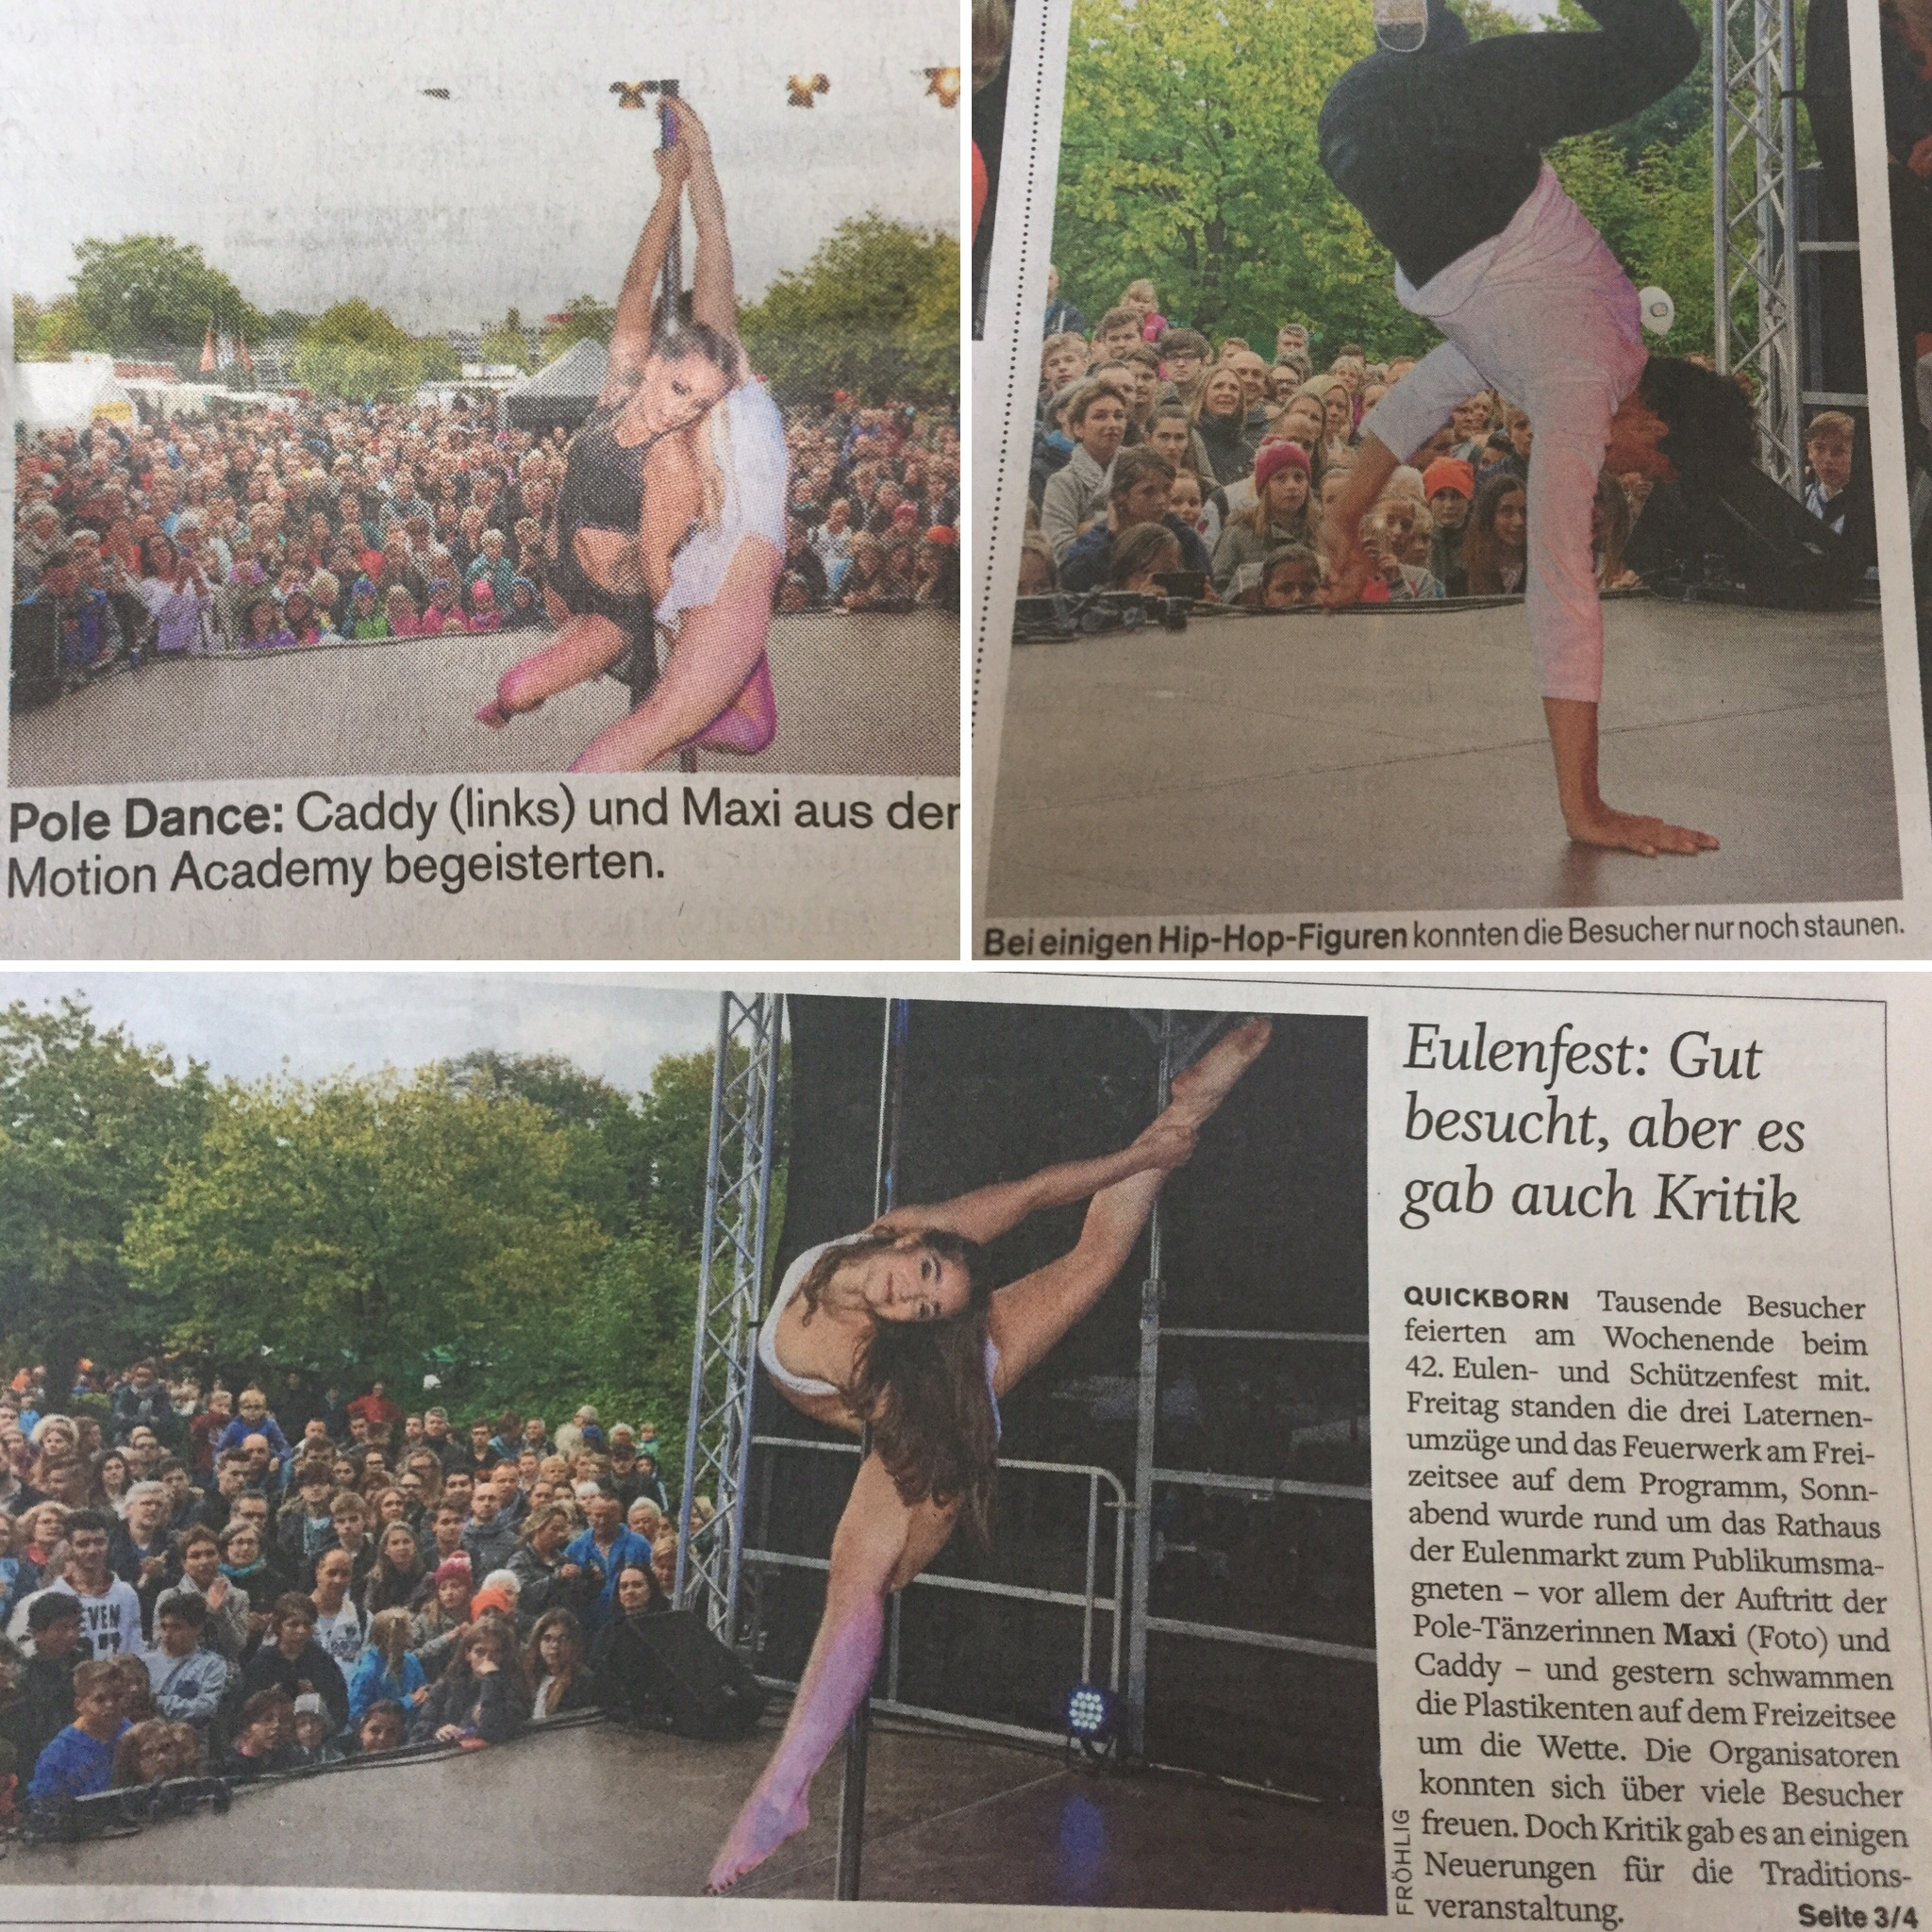 Eulenfest Quickborn am 16.09.2017 ( Zeitung: Quickborner Tageblatt vom 18.09.17)